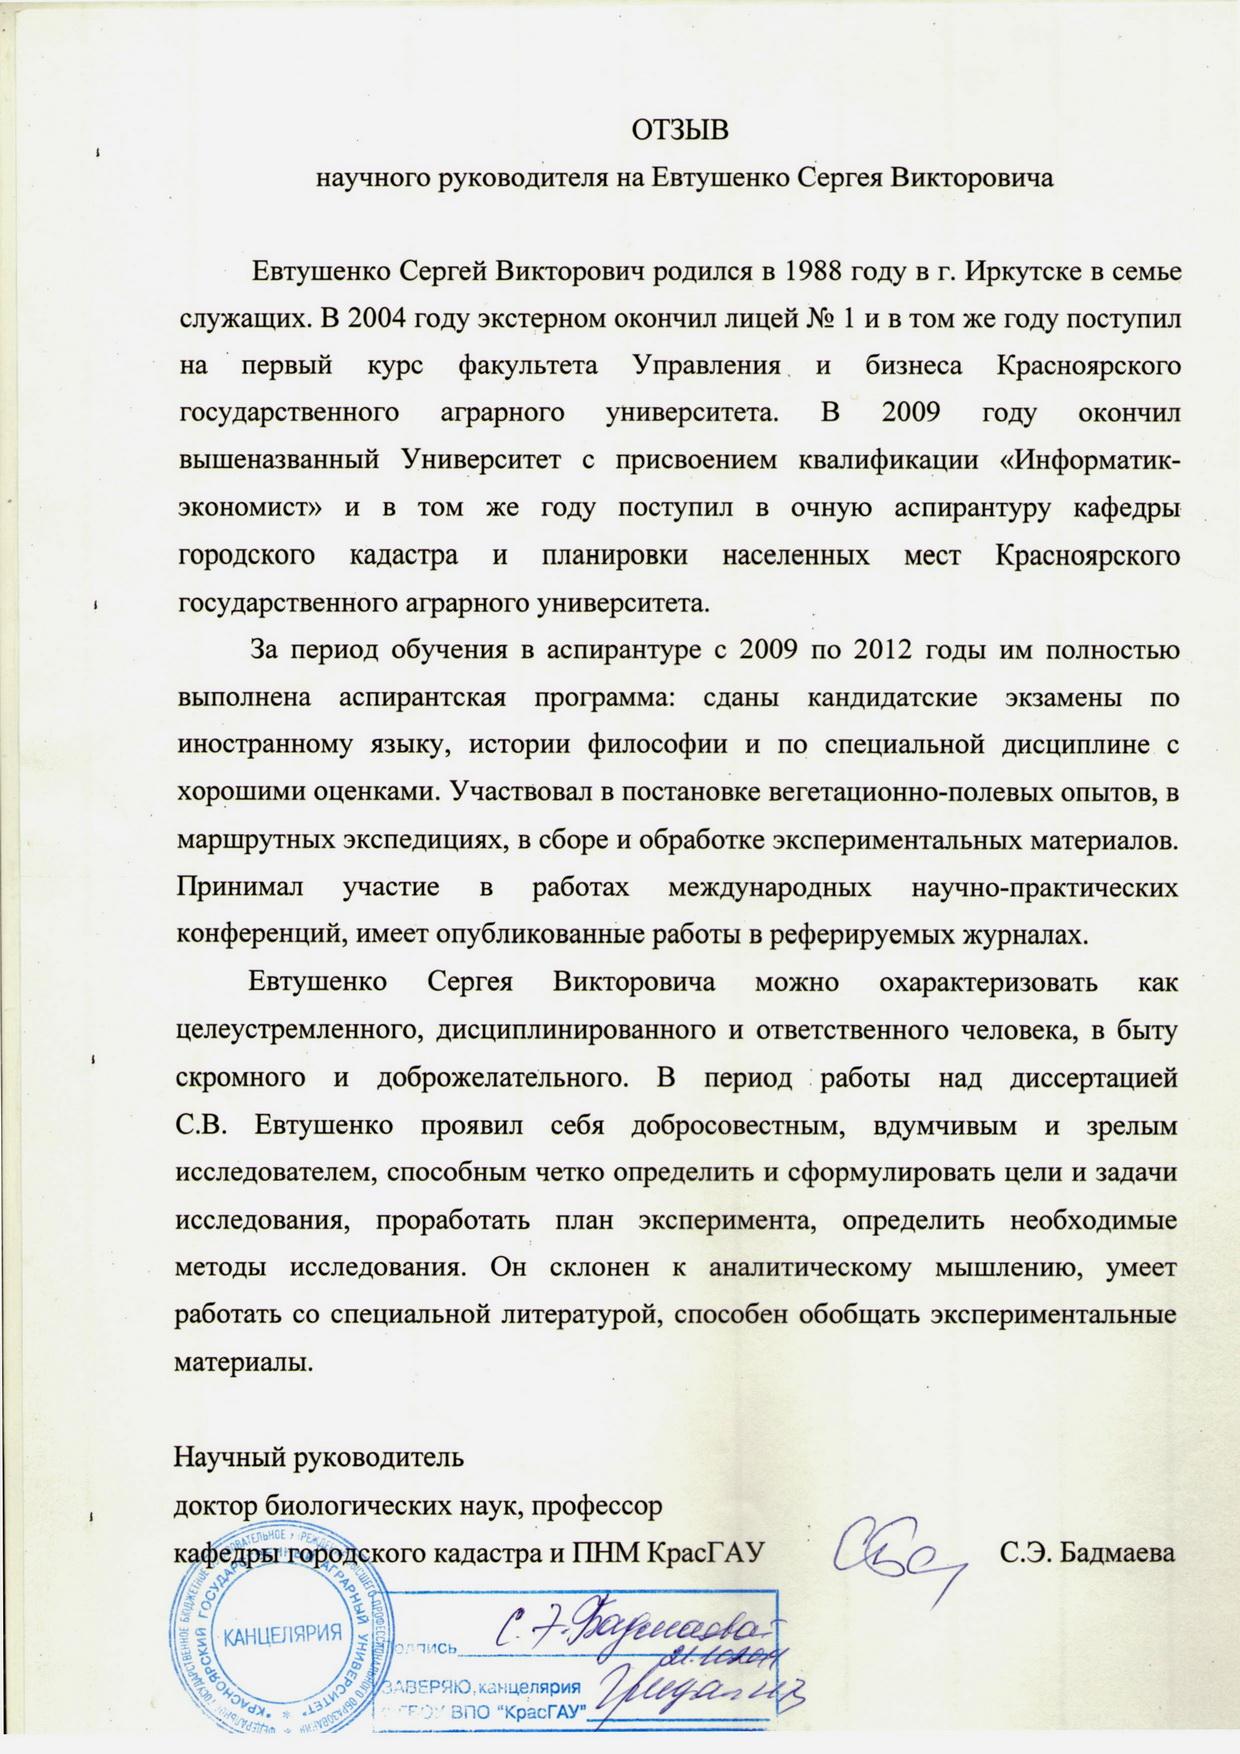 Документы для защиты диссертации экспертное заключение отзыв  Образец отзыва НР